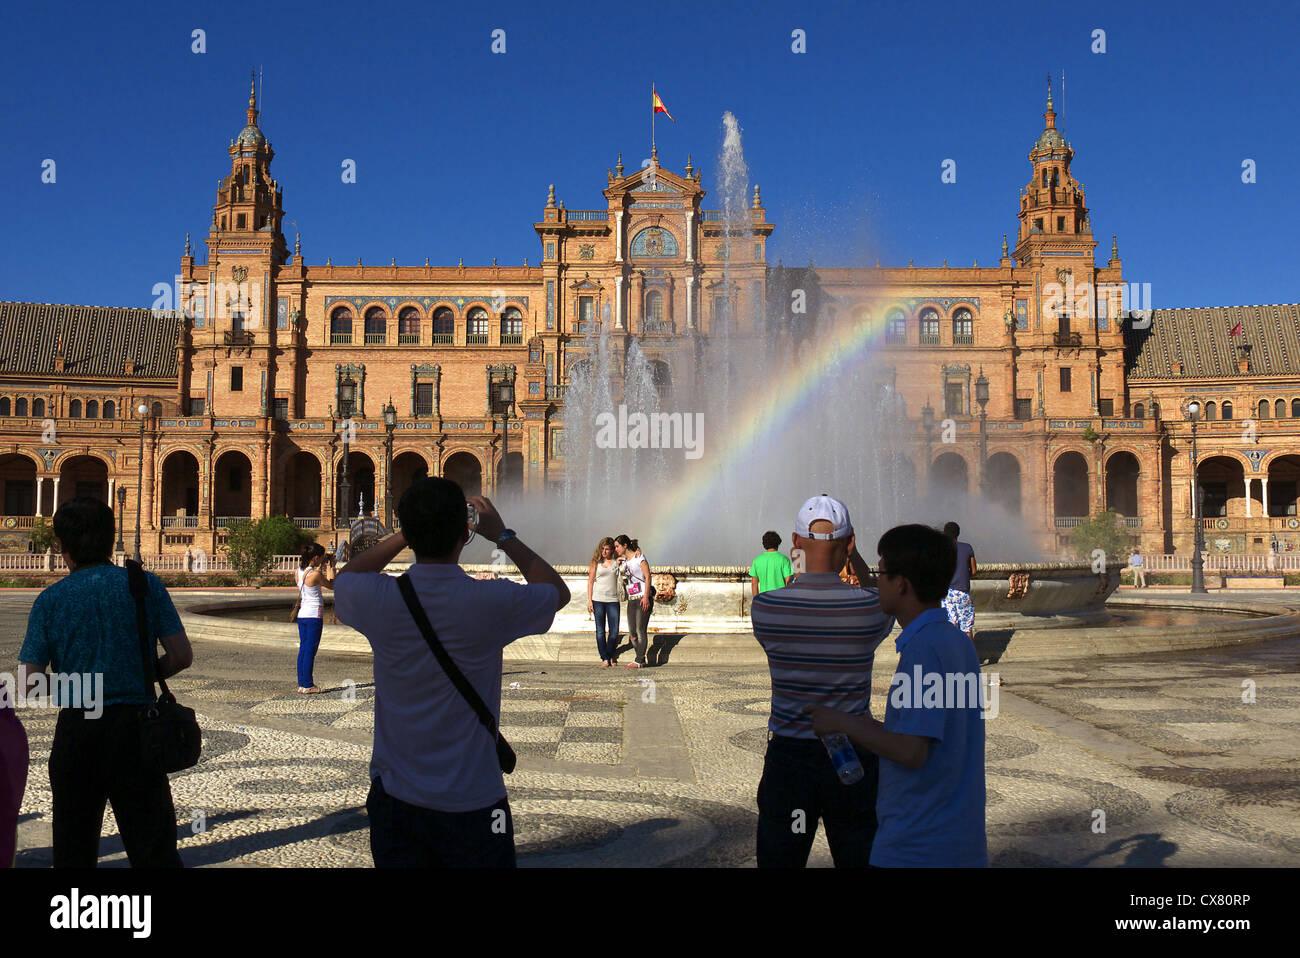 Plaza de Espana in Seville, Spain. - Stock Image